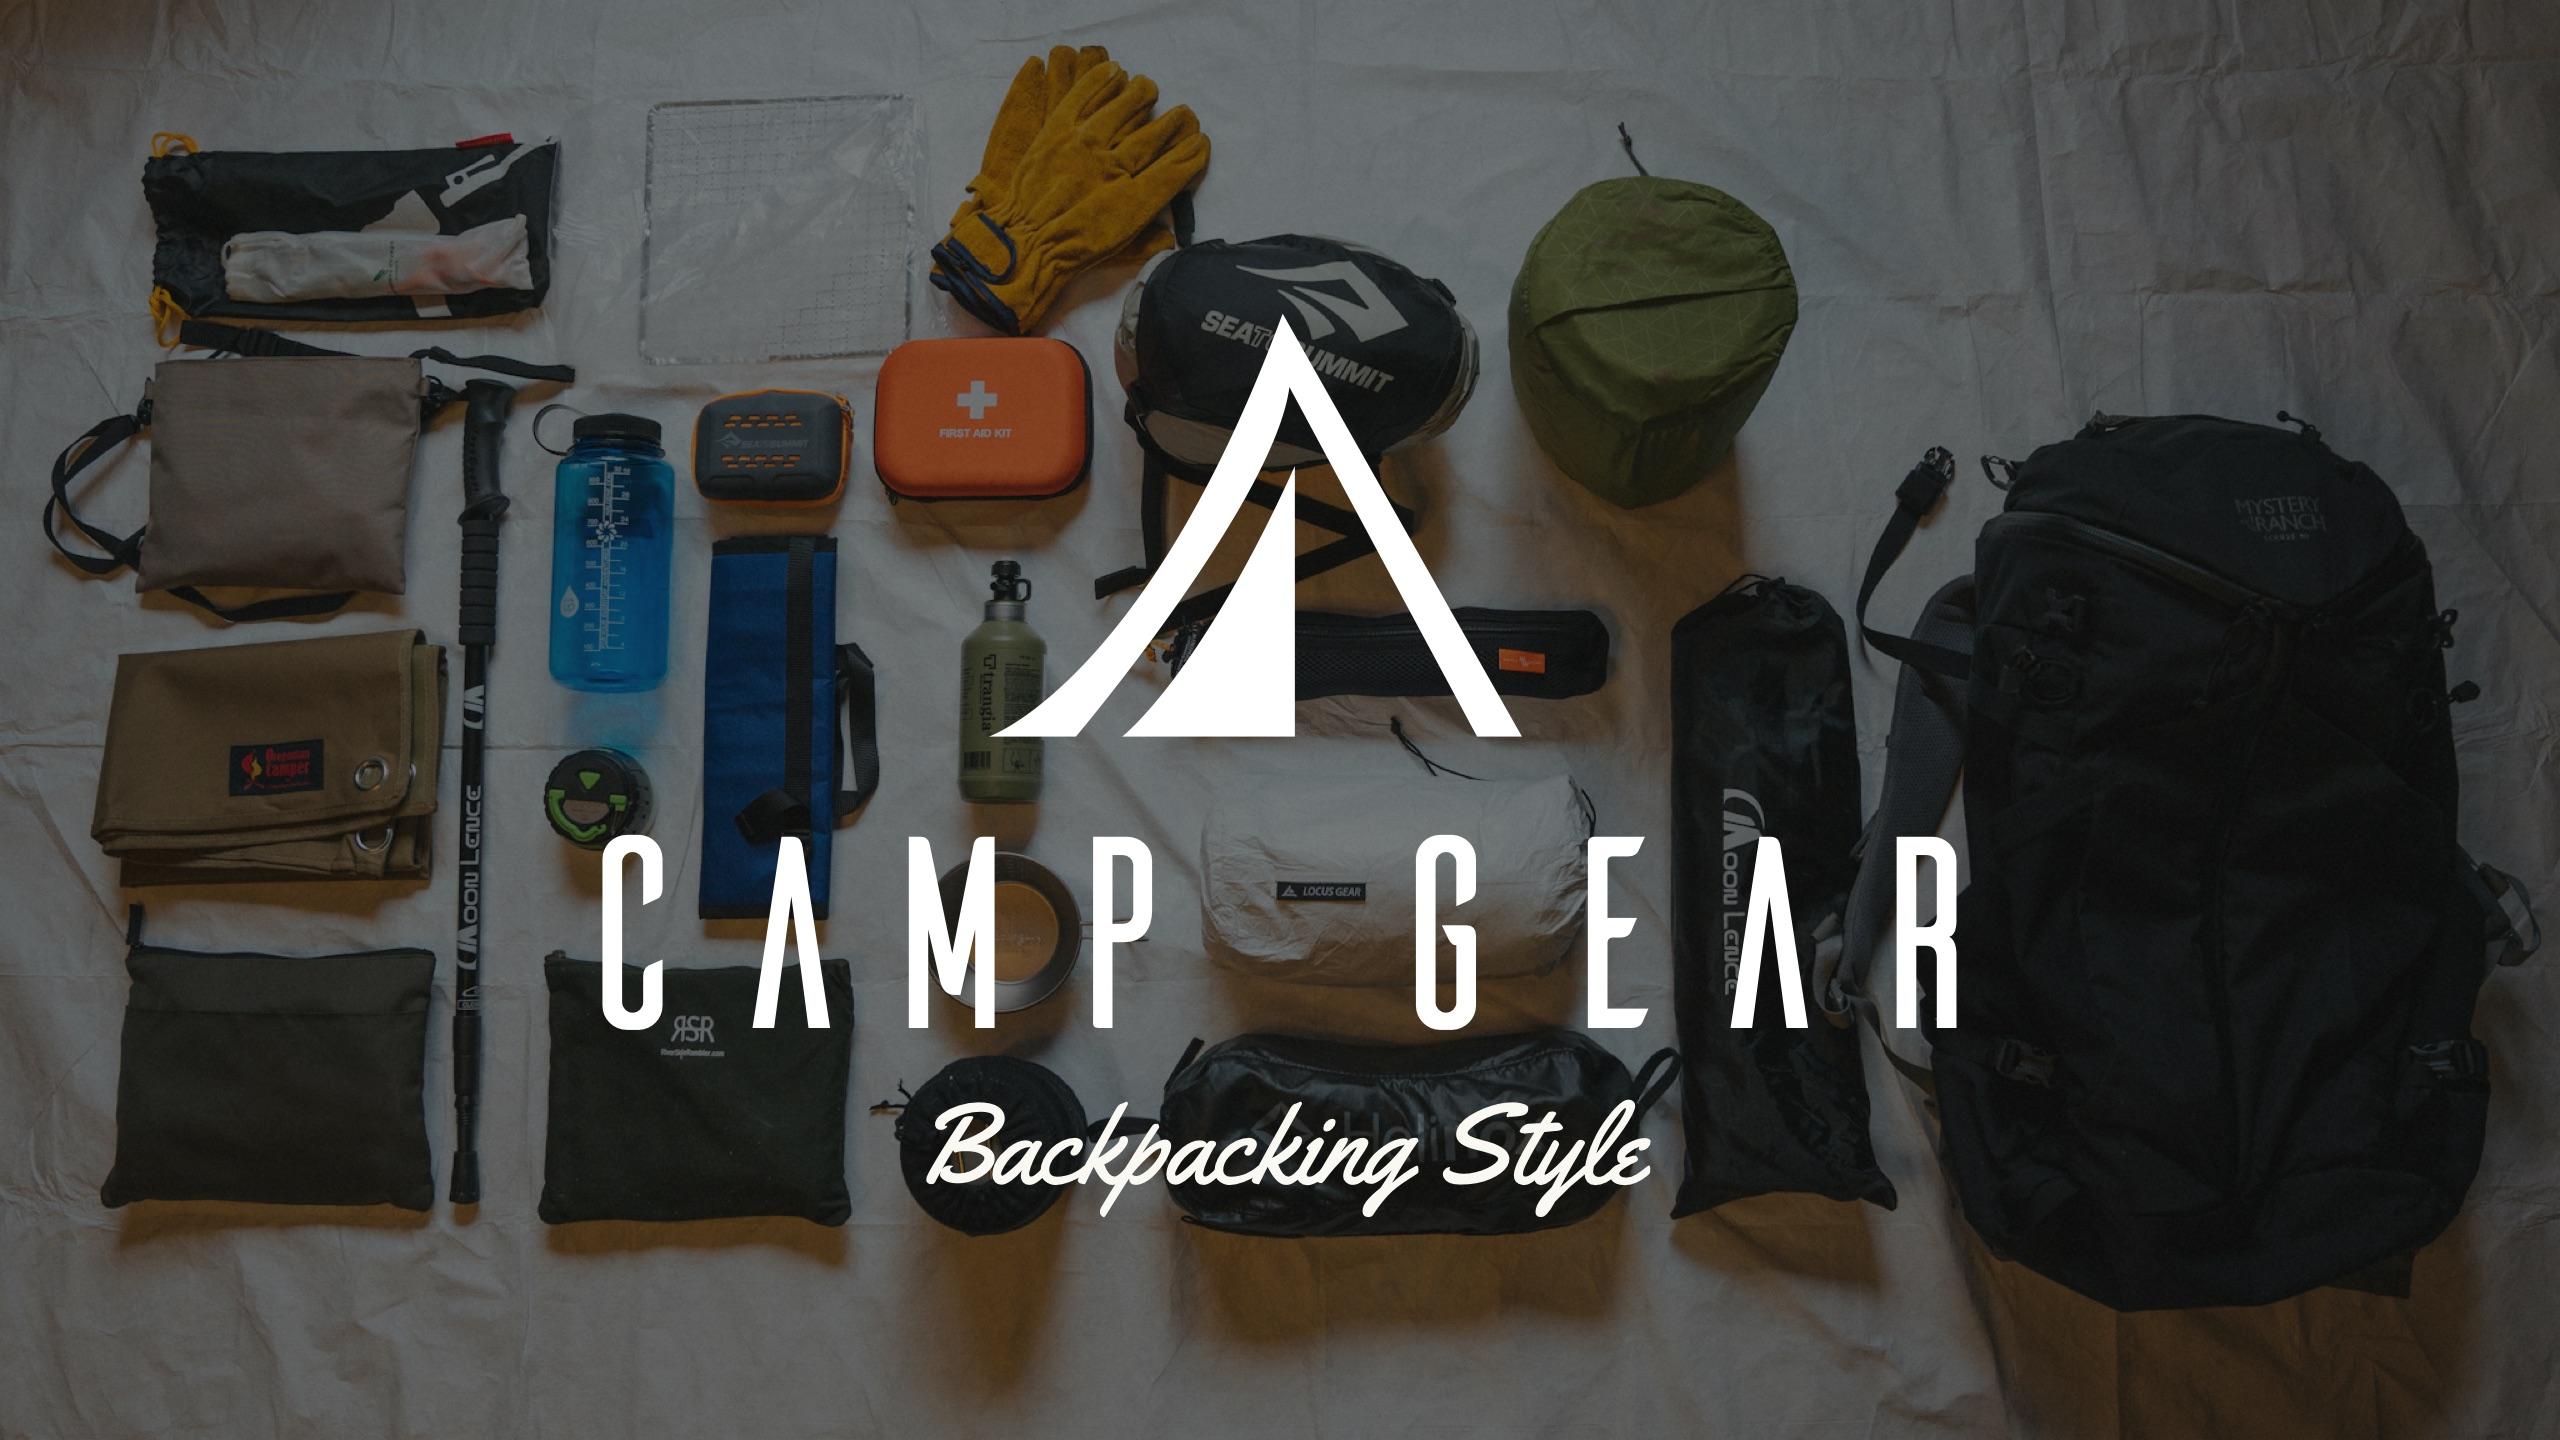 【ソロキャン初心者の装備】バックパックでソロキャンプに憧れすぎたブロガーが始めに揃えたギアを公開!